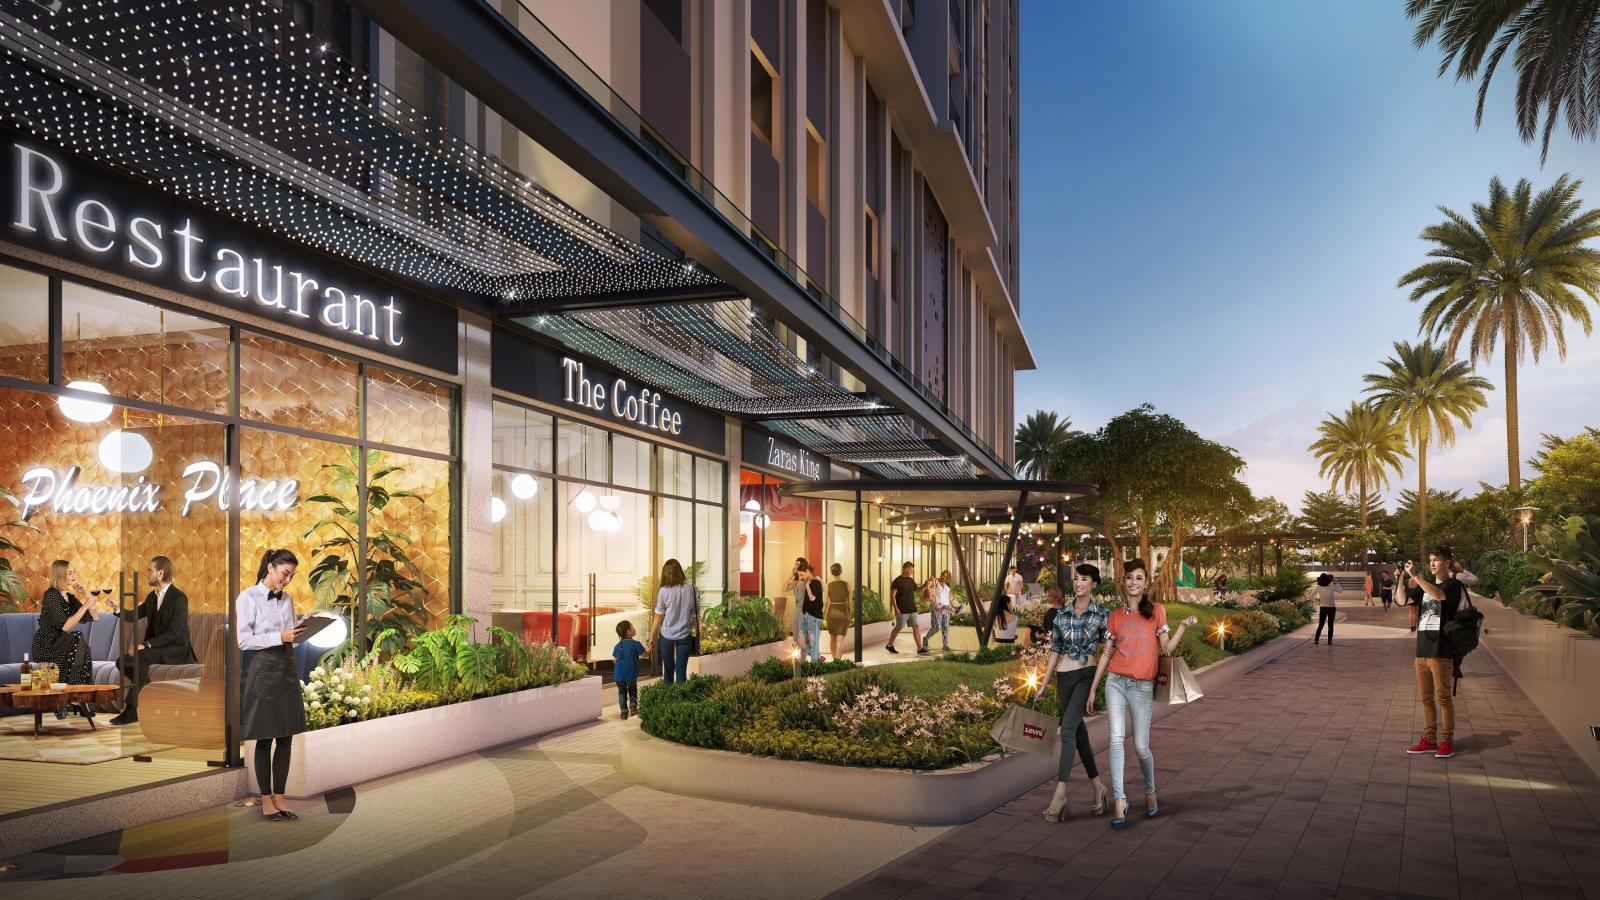 Opal Skyline có mức giá bán hợp lý, mở ra cơ hội an cư cho các gia đình trẻ tại TP. Thuận An